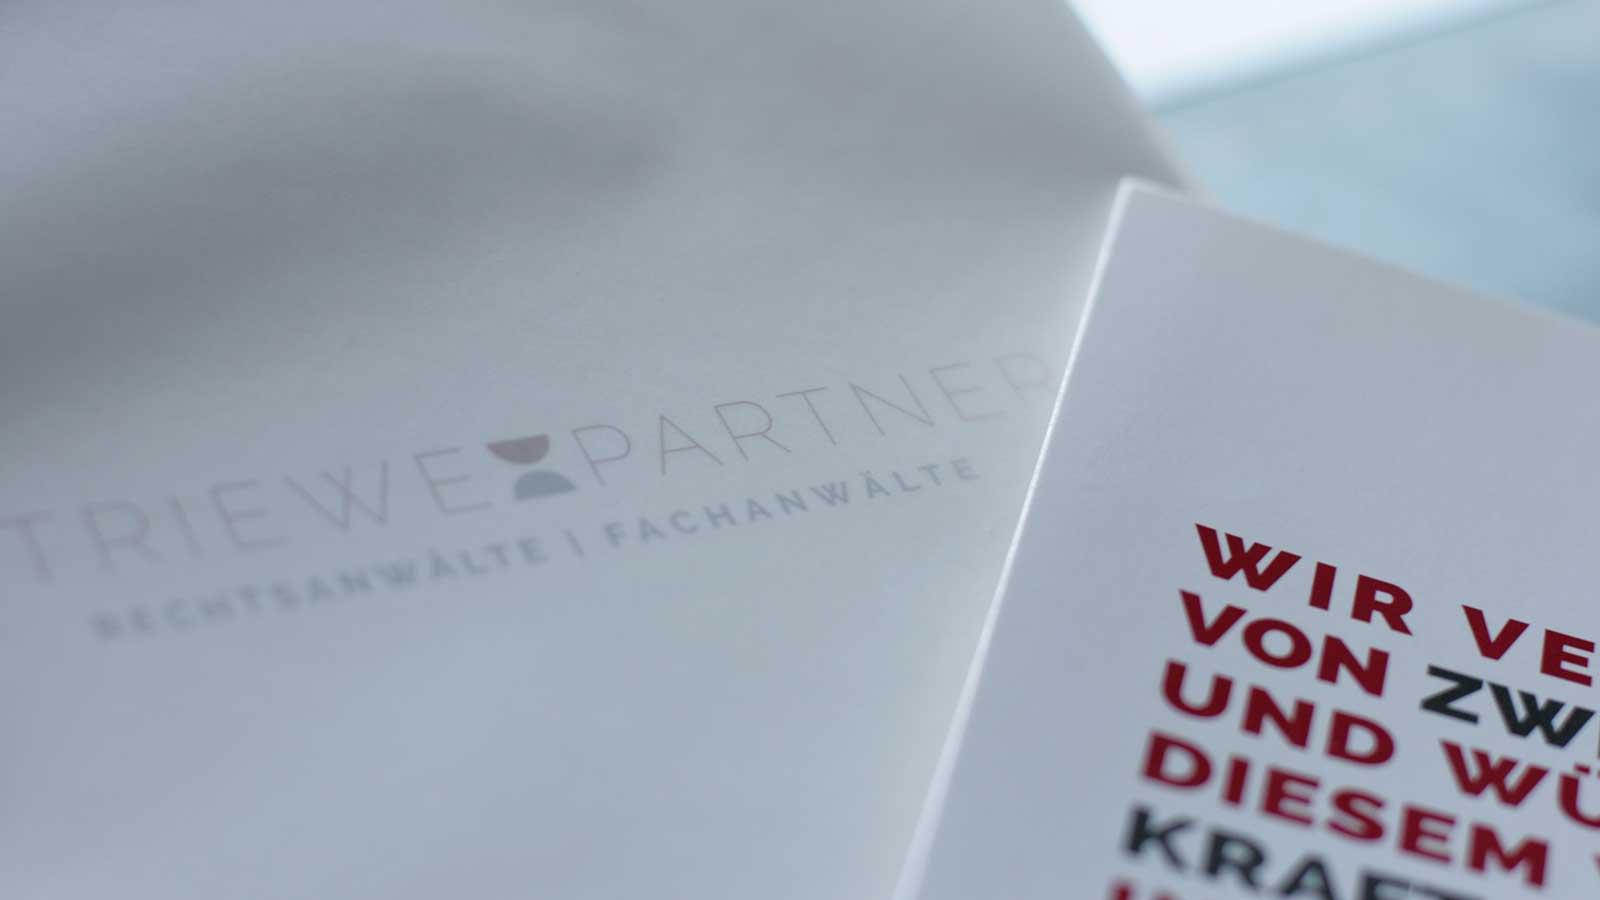 kathrin, krasselt, mediendesign, grafik, grafiker, leipzig, werbung, webdesign, logo, corporate, design, striewe, rechtsanwalt